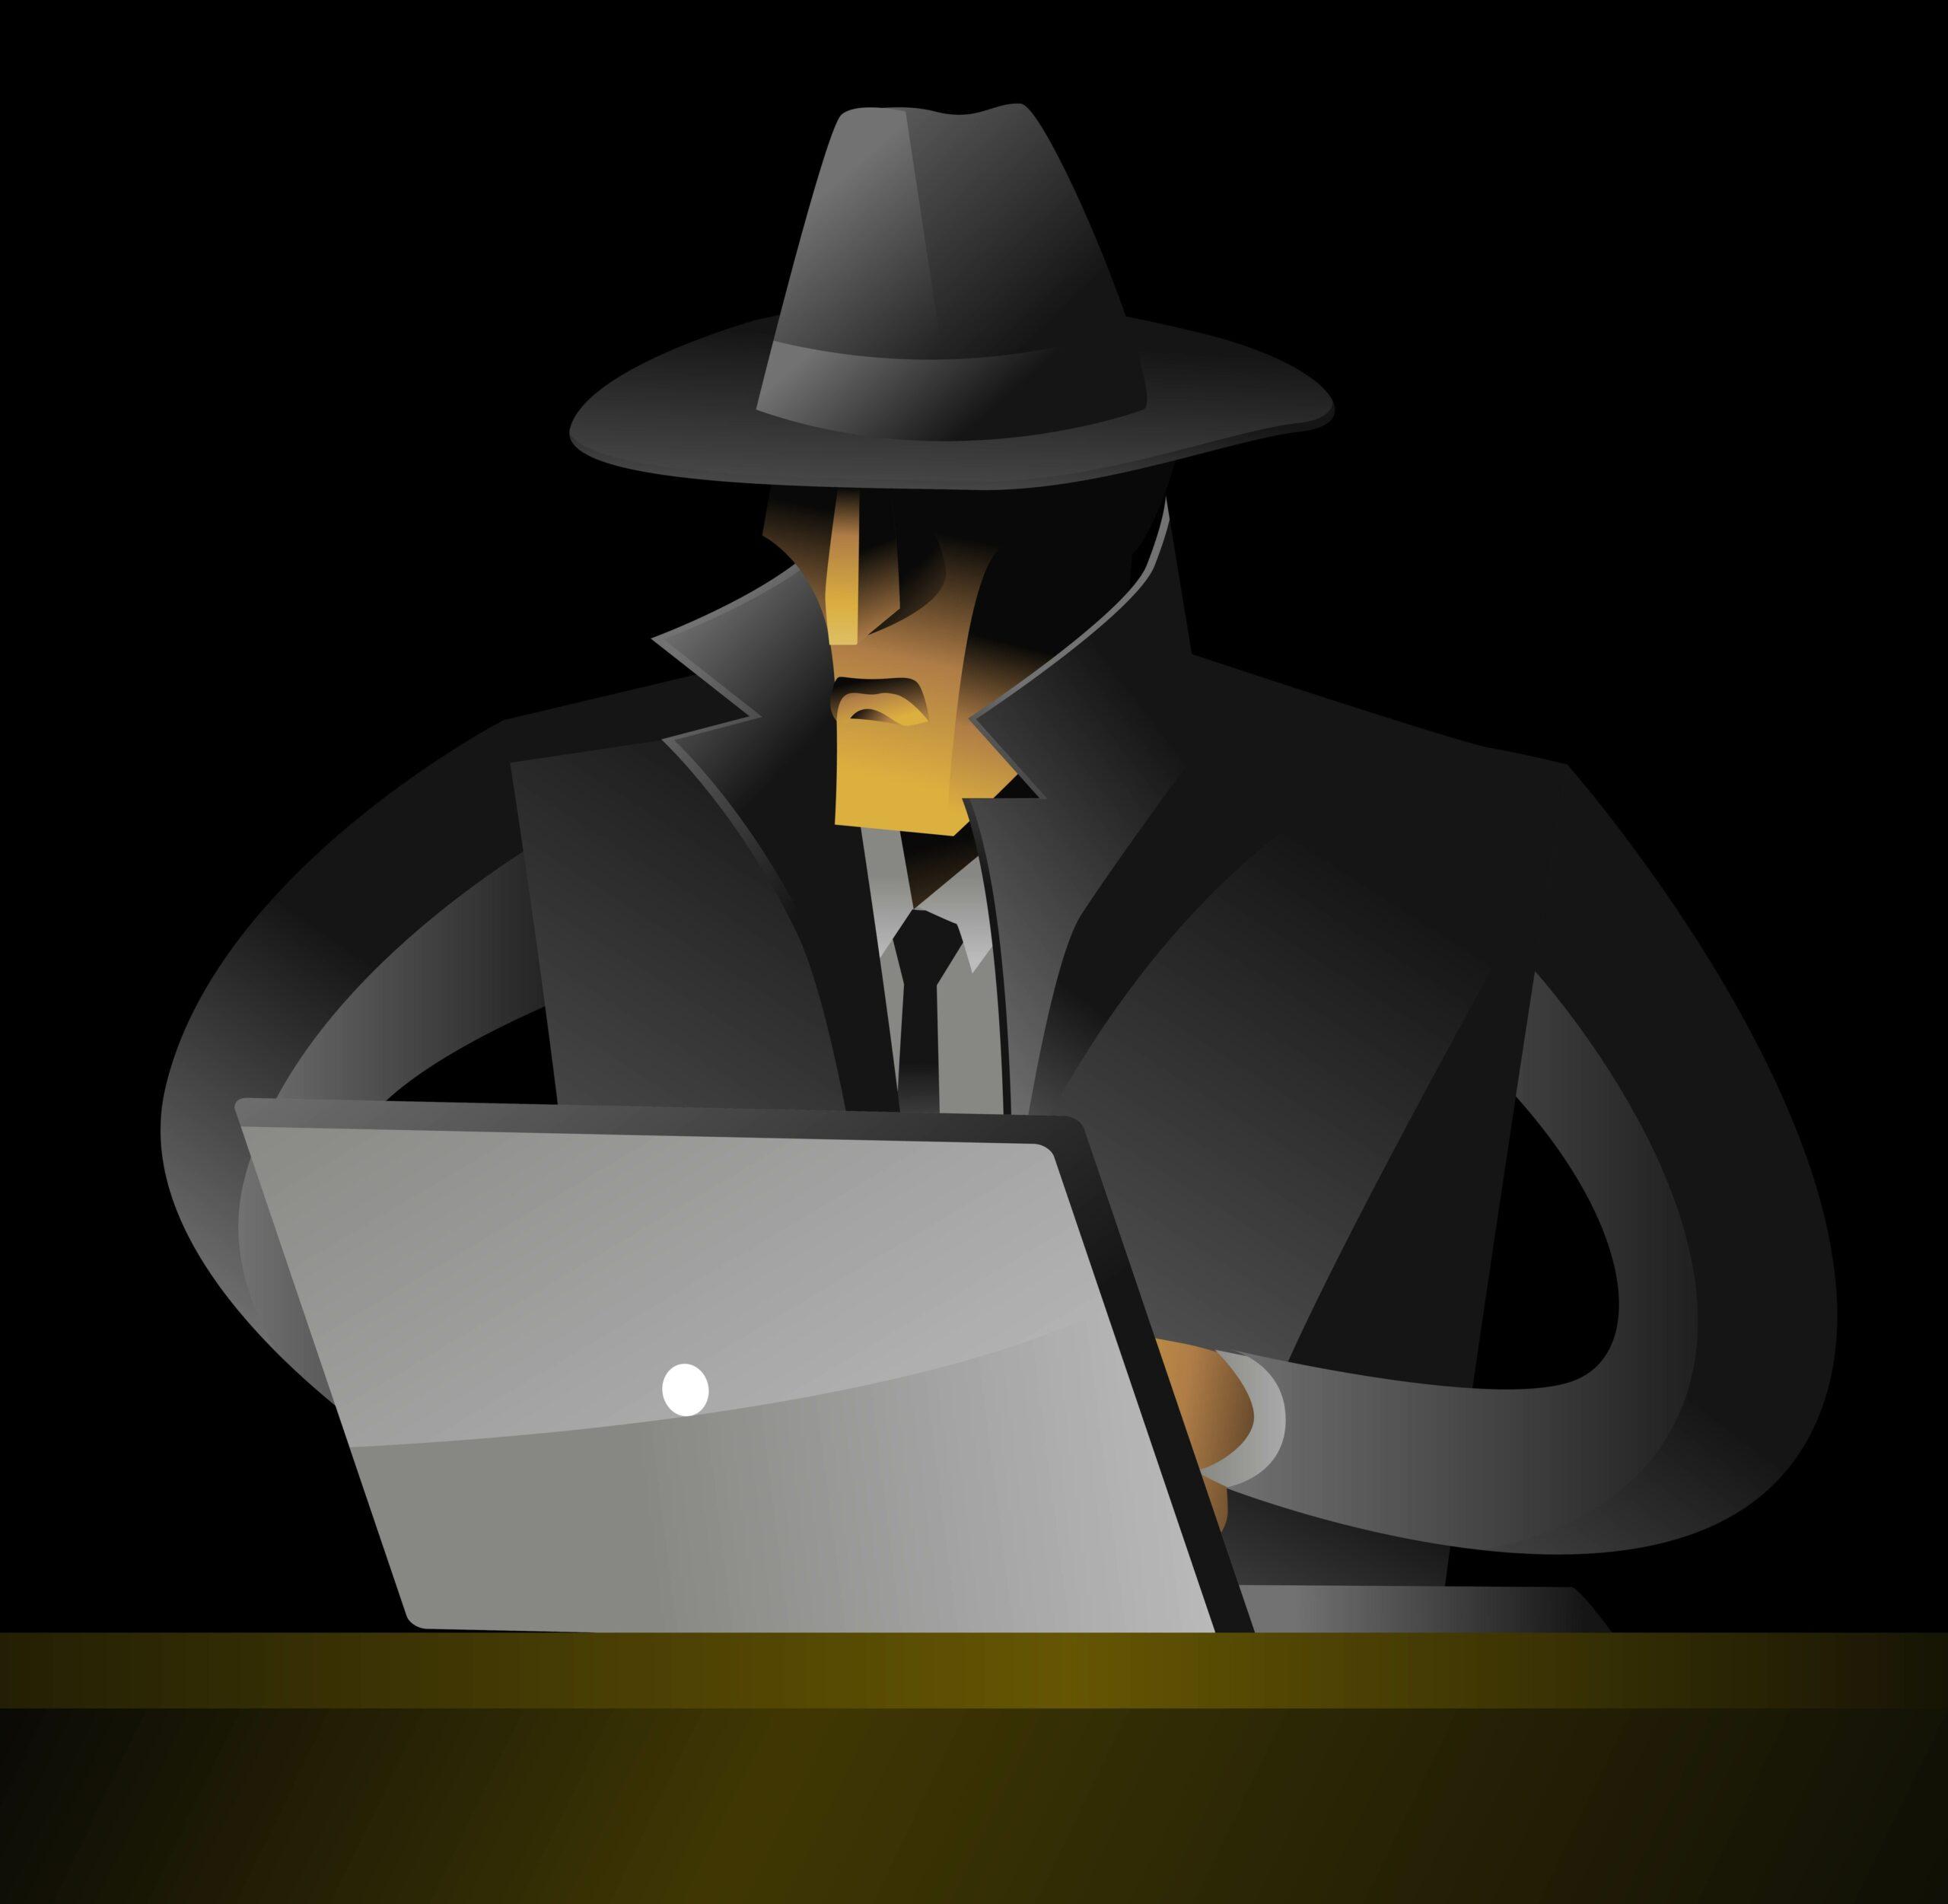 Хакер на протяжении года «сливал» Apple данные недобросовестных сотрудников. Но ему ничего не заплатили